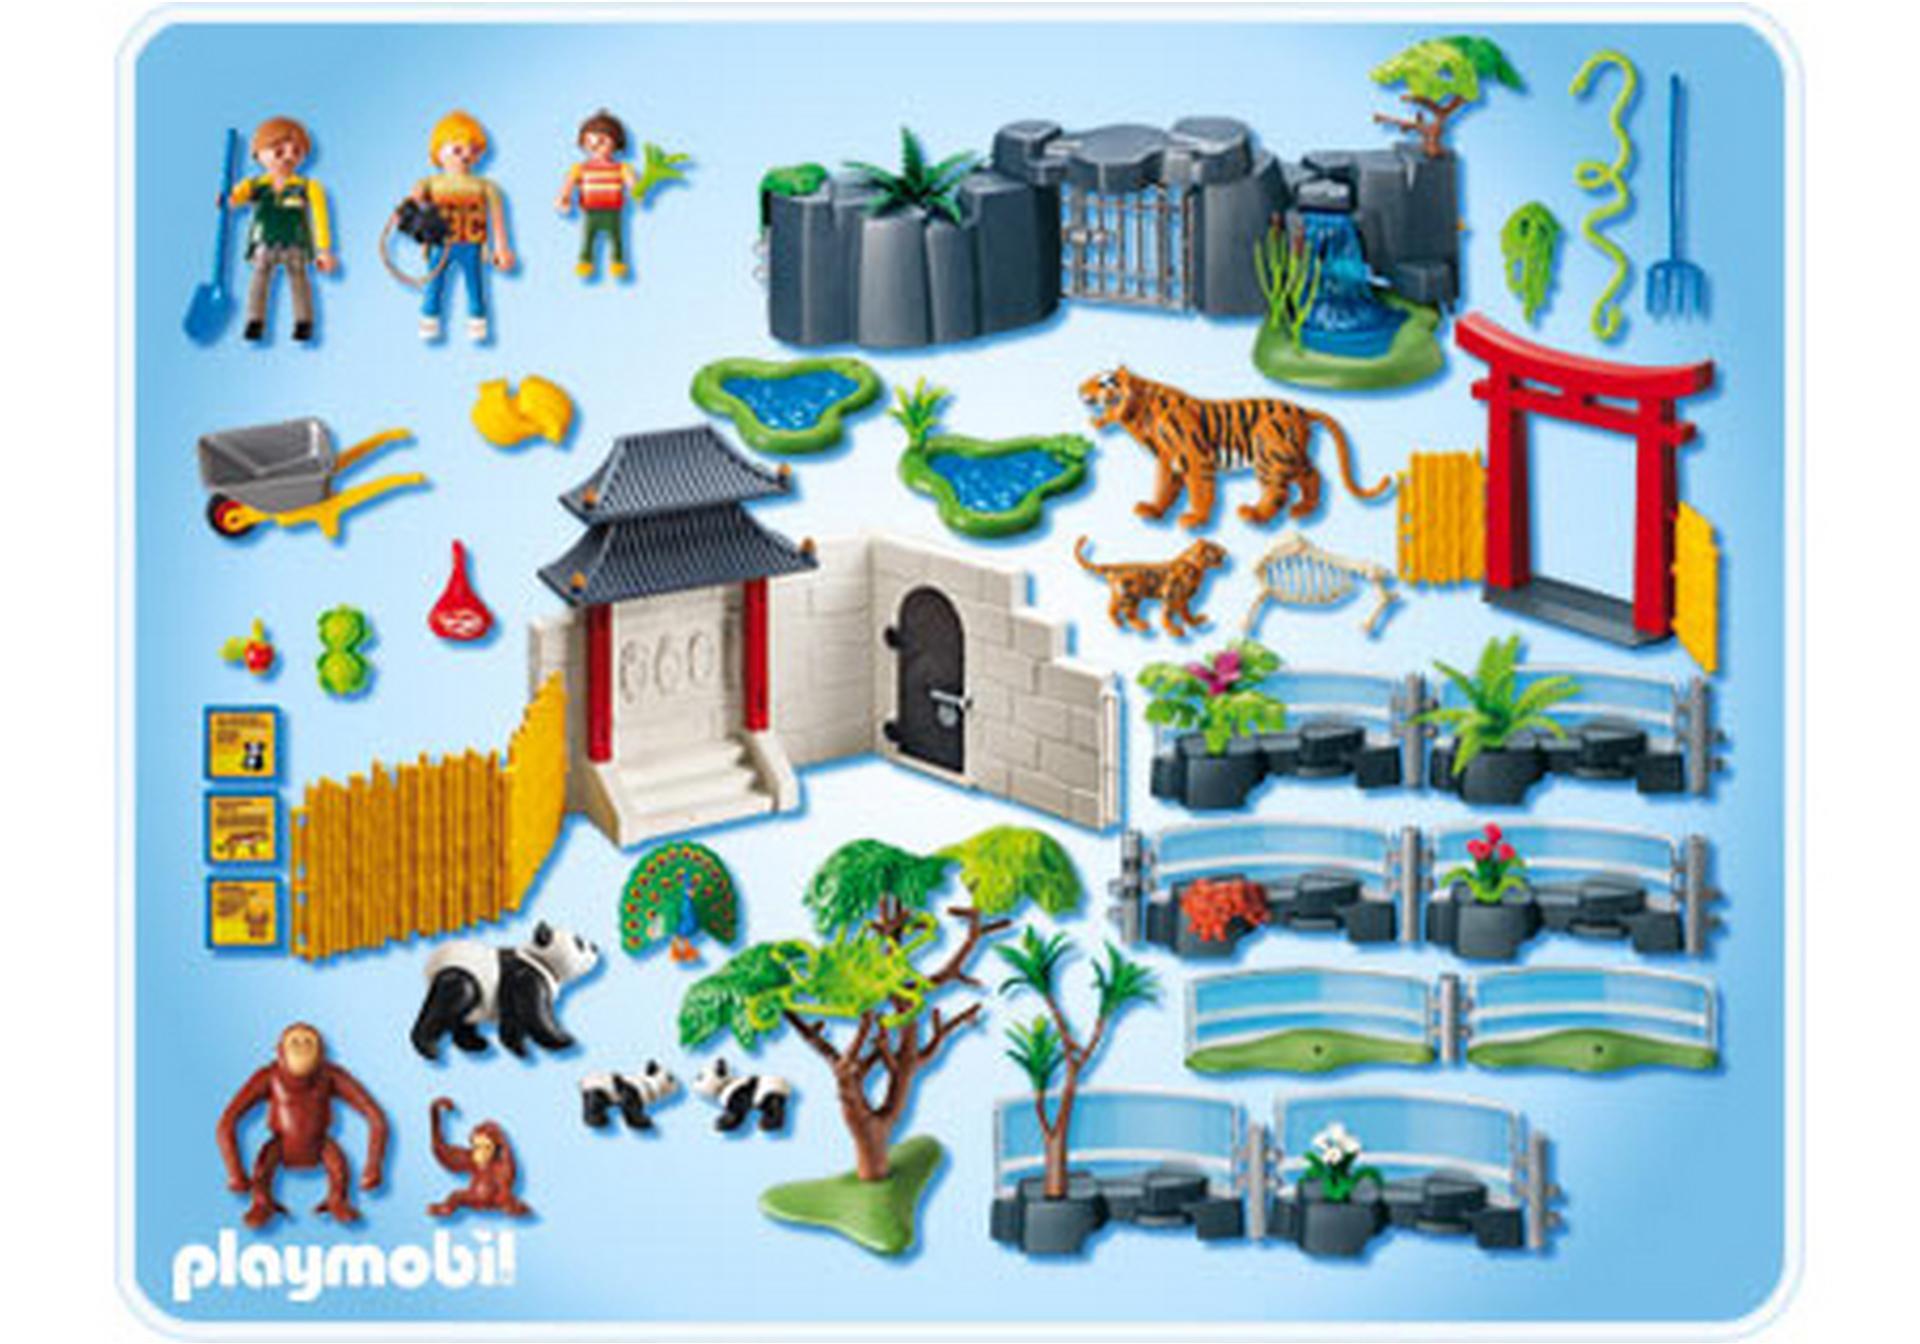 jardin zoologique asiatique 4852 a playmobil france. Black Bedroom Furniture Sets. Home Design Ideas